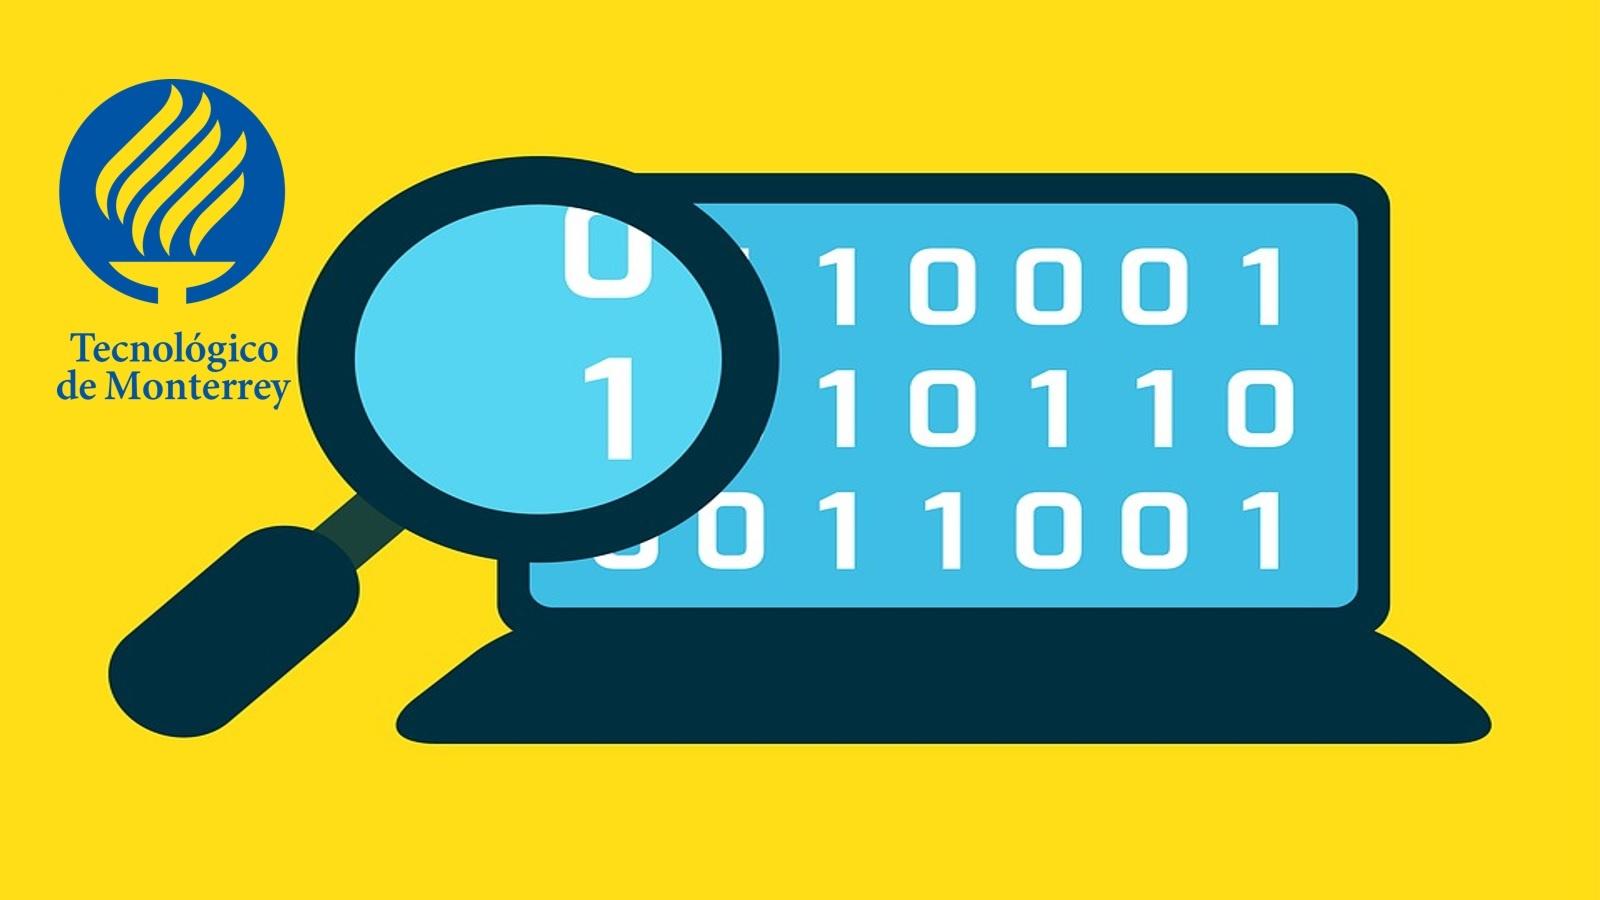 Curso Gratuito de Ciencia de Datos: Aplicando la Visualización y Narración